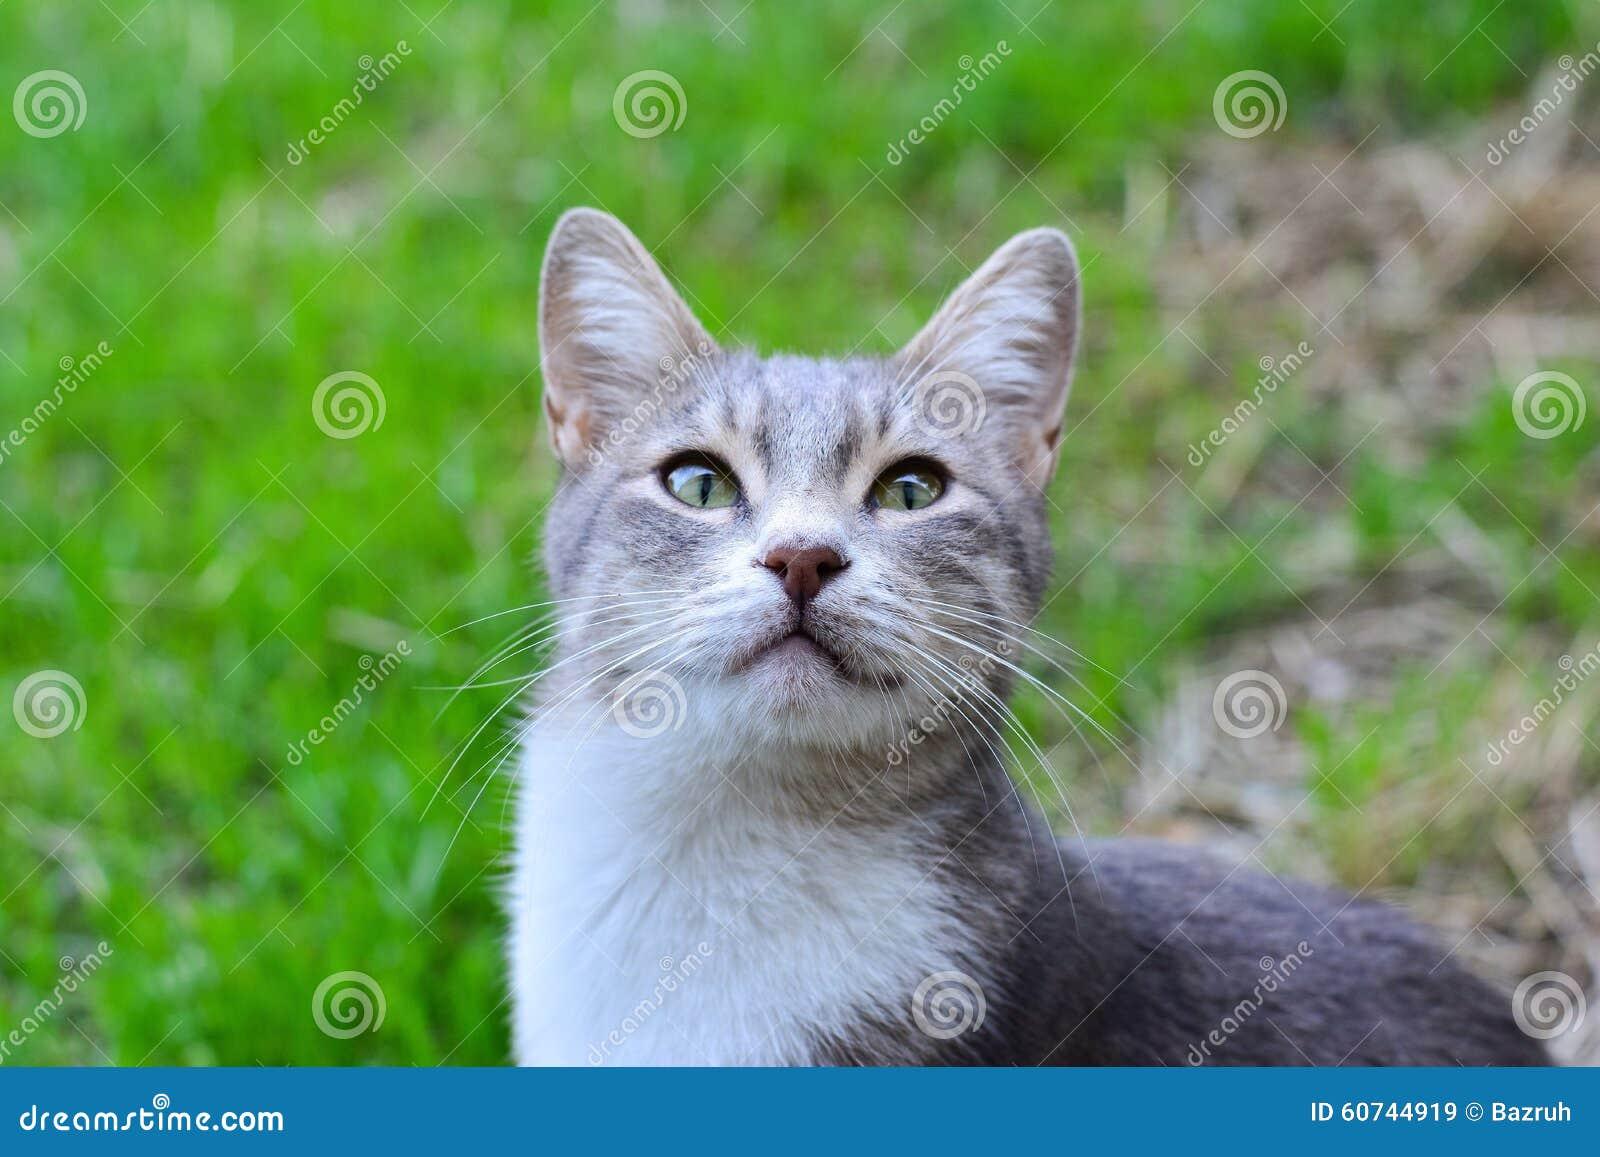 chat sur l 39 herbe verte dans le jardin photo stock image 60744919. Black Bedroom Furniture Sets. Home Design Ideas